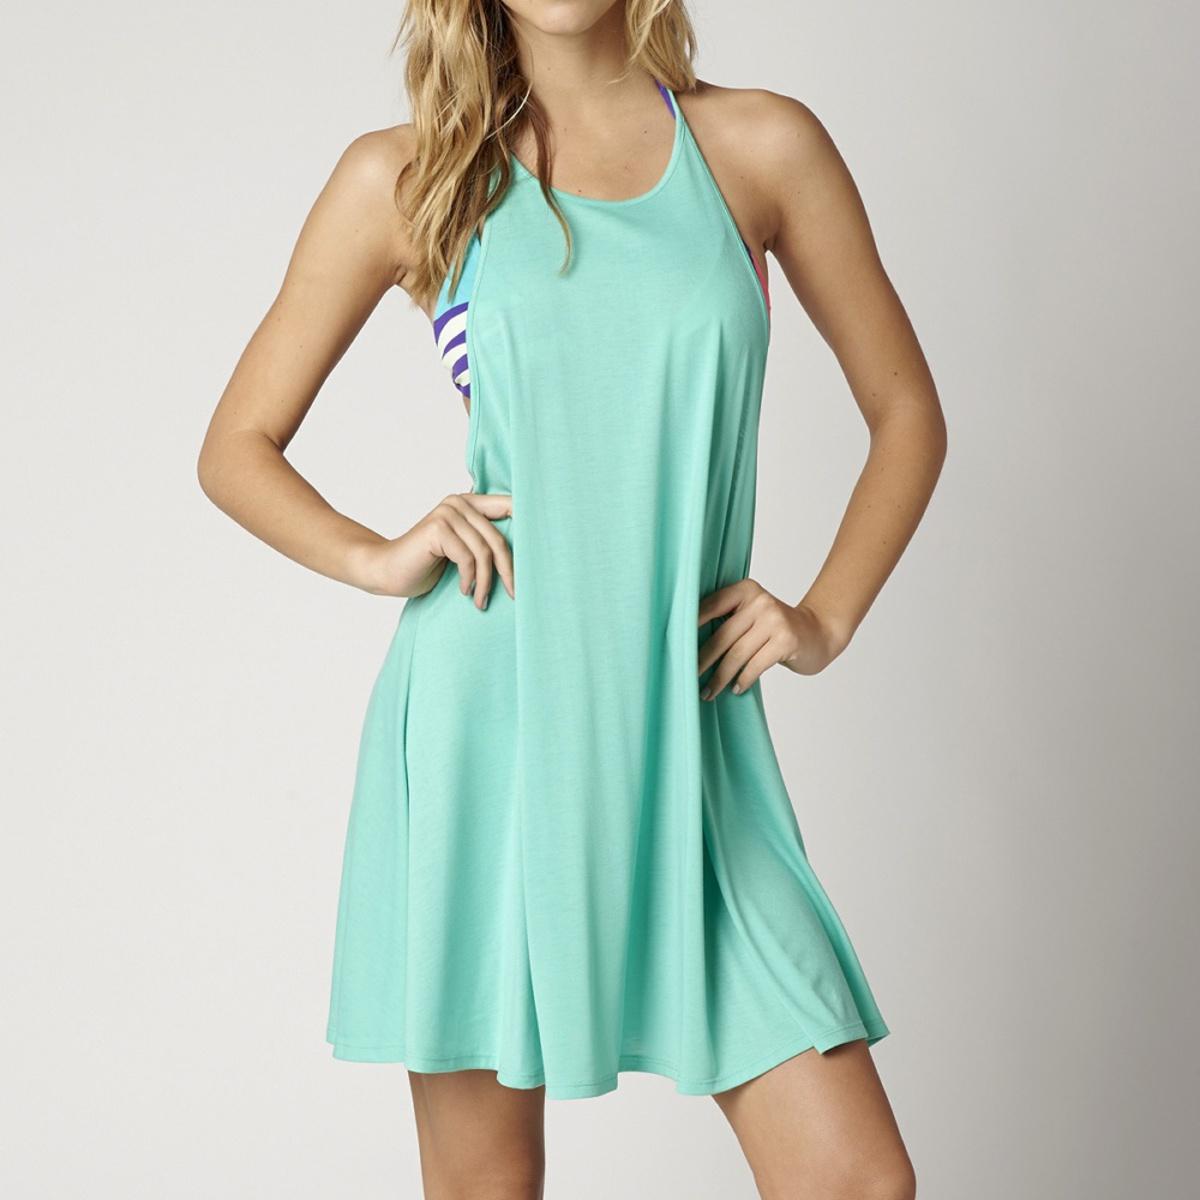 šaty dámské FOX - Vapors - Teal - 15S-12348-176 M